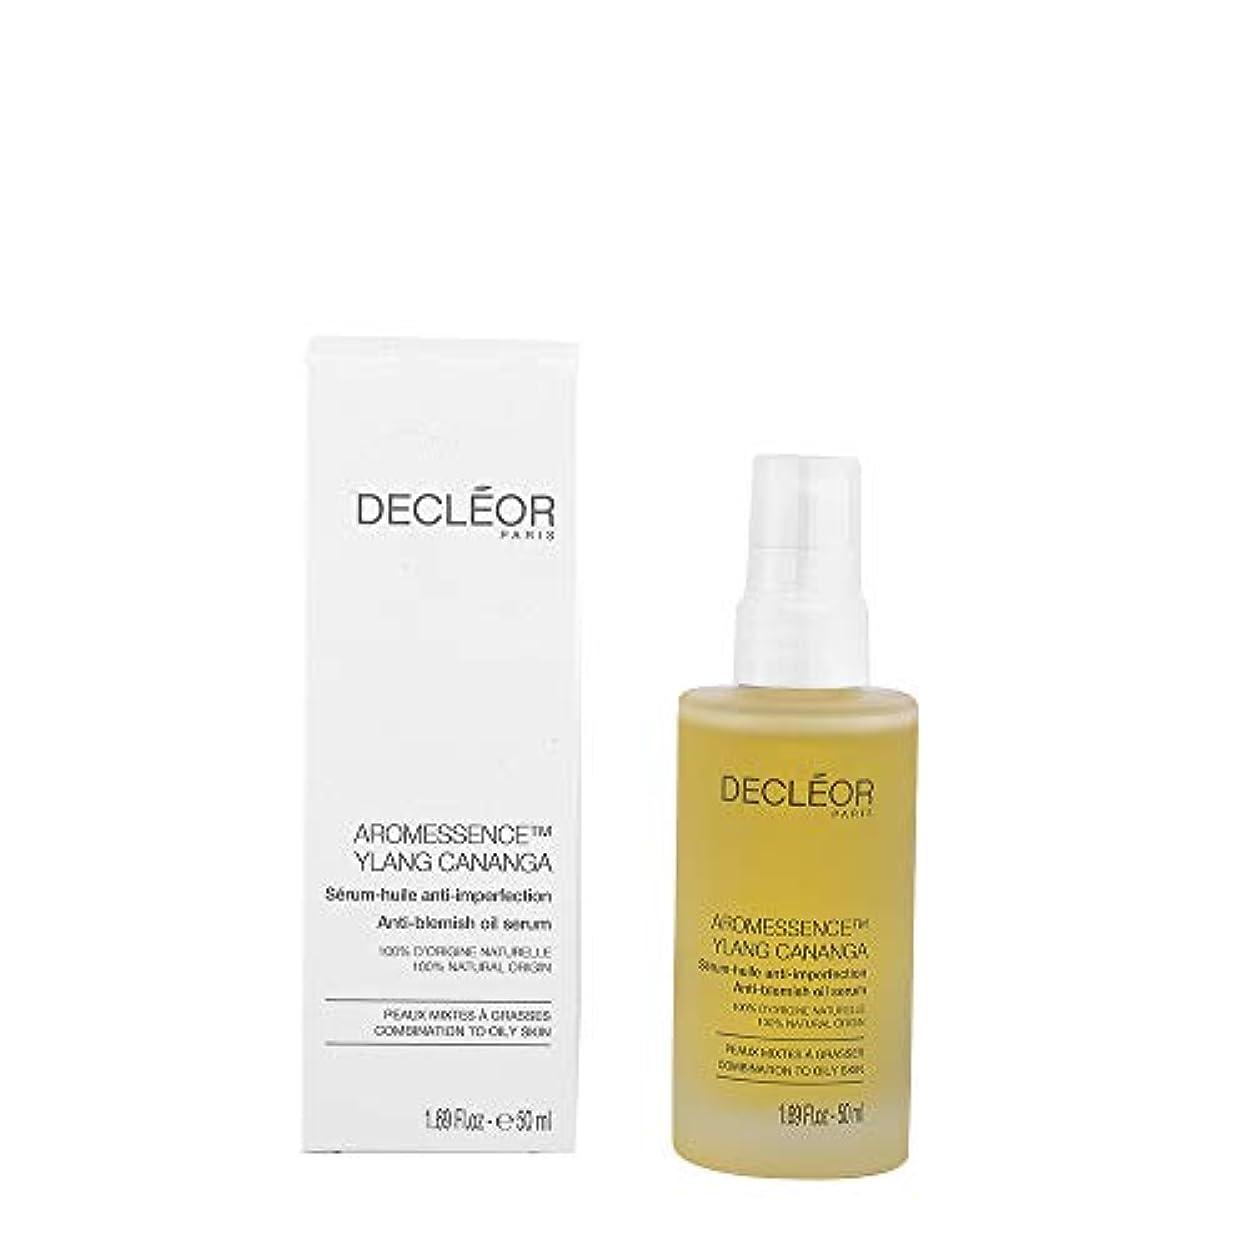 器官それにもかかわらずブランクデクレオール Aromessence Ylang Cananga Anti-Blemish Oil Serum - For Combination to Oily Skin (Salon Size) 50ml/1.69oz...